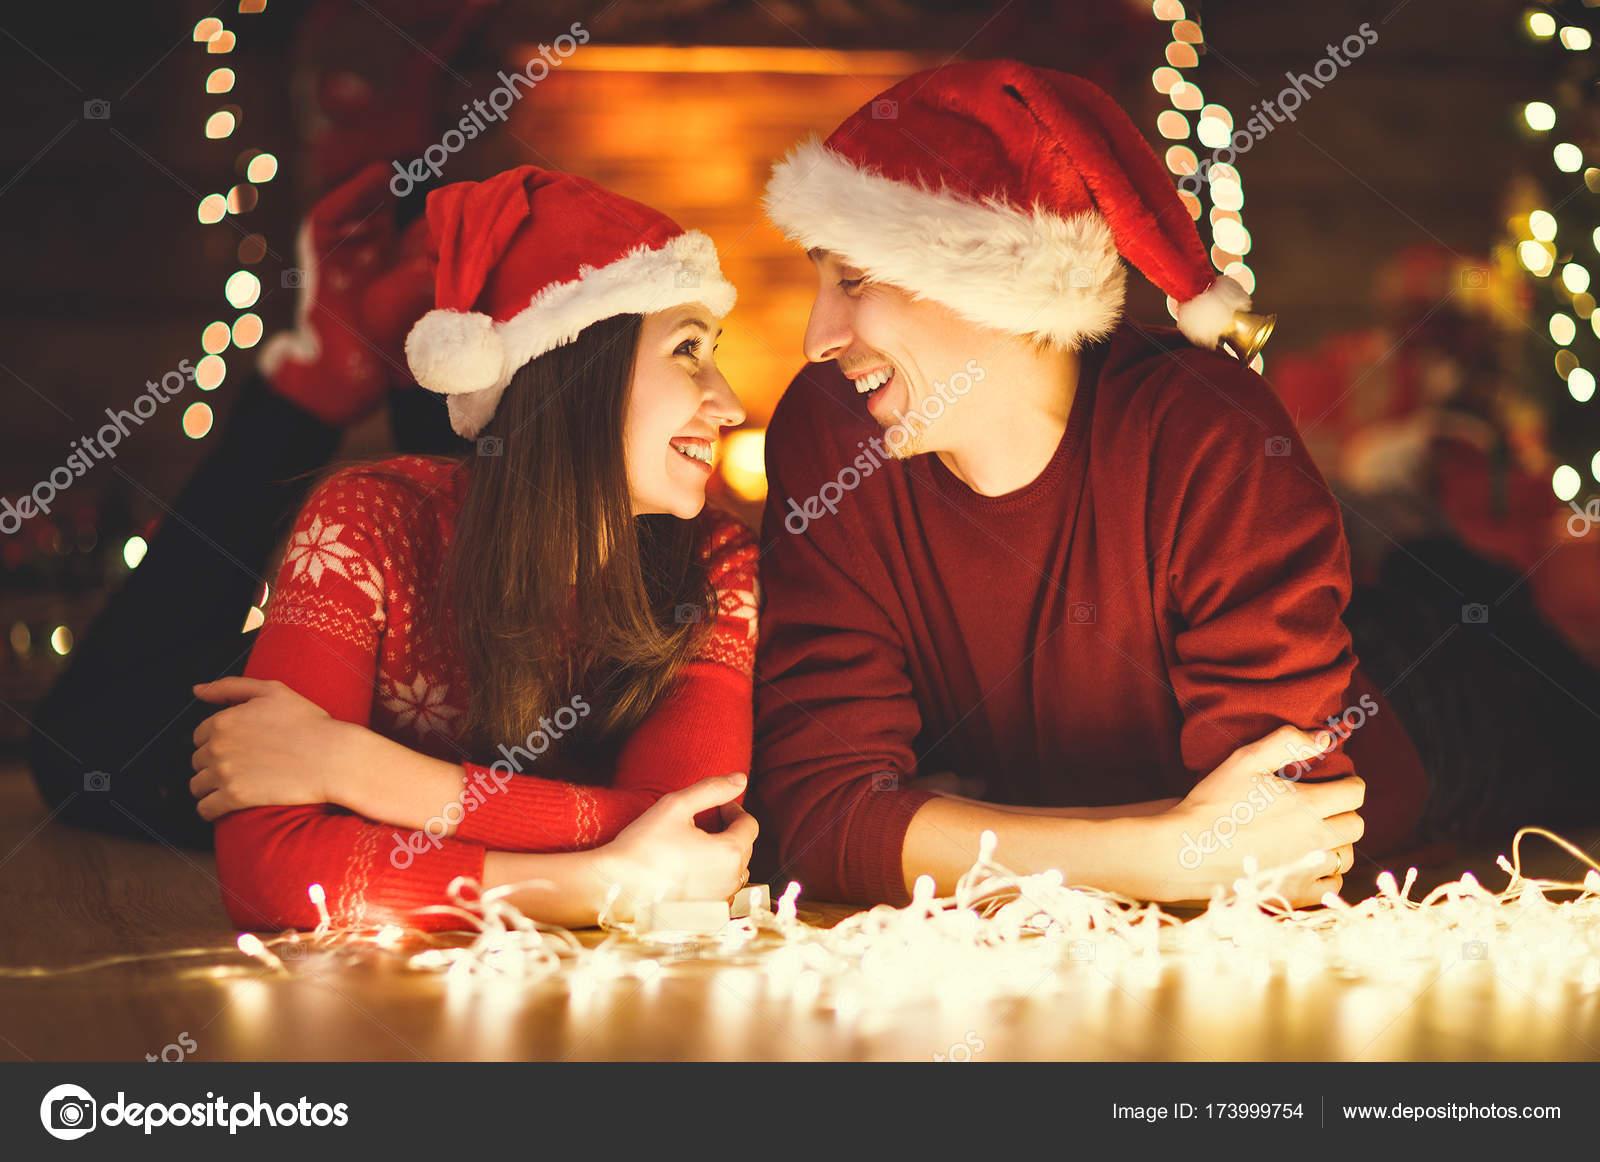 Frohe Weihnachten Familie.Frohe Weihnachten Familie Paar Mit Magischen Weihnachtsgeschenk